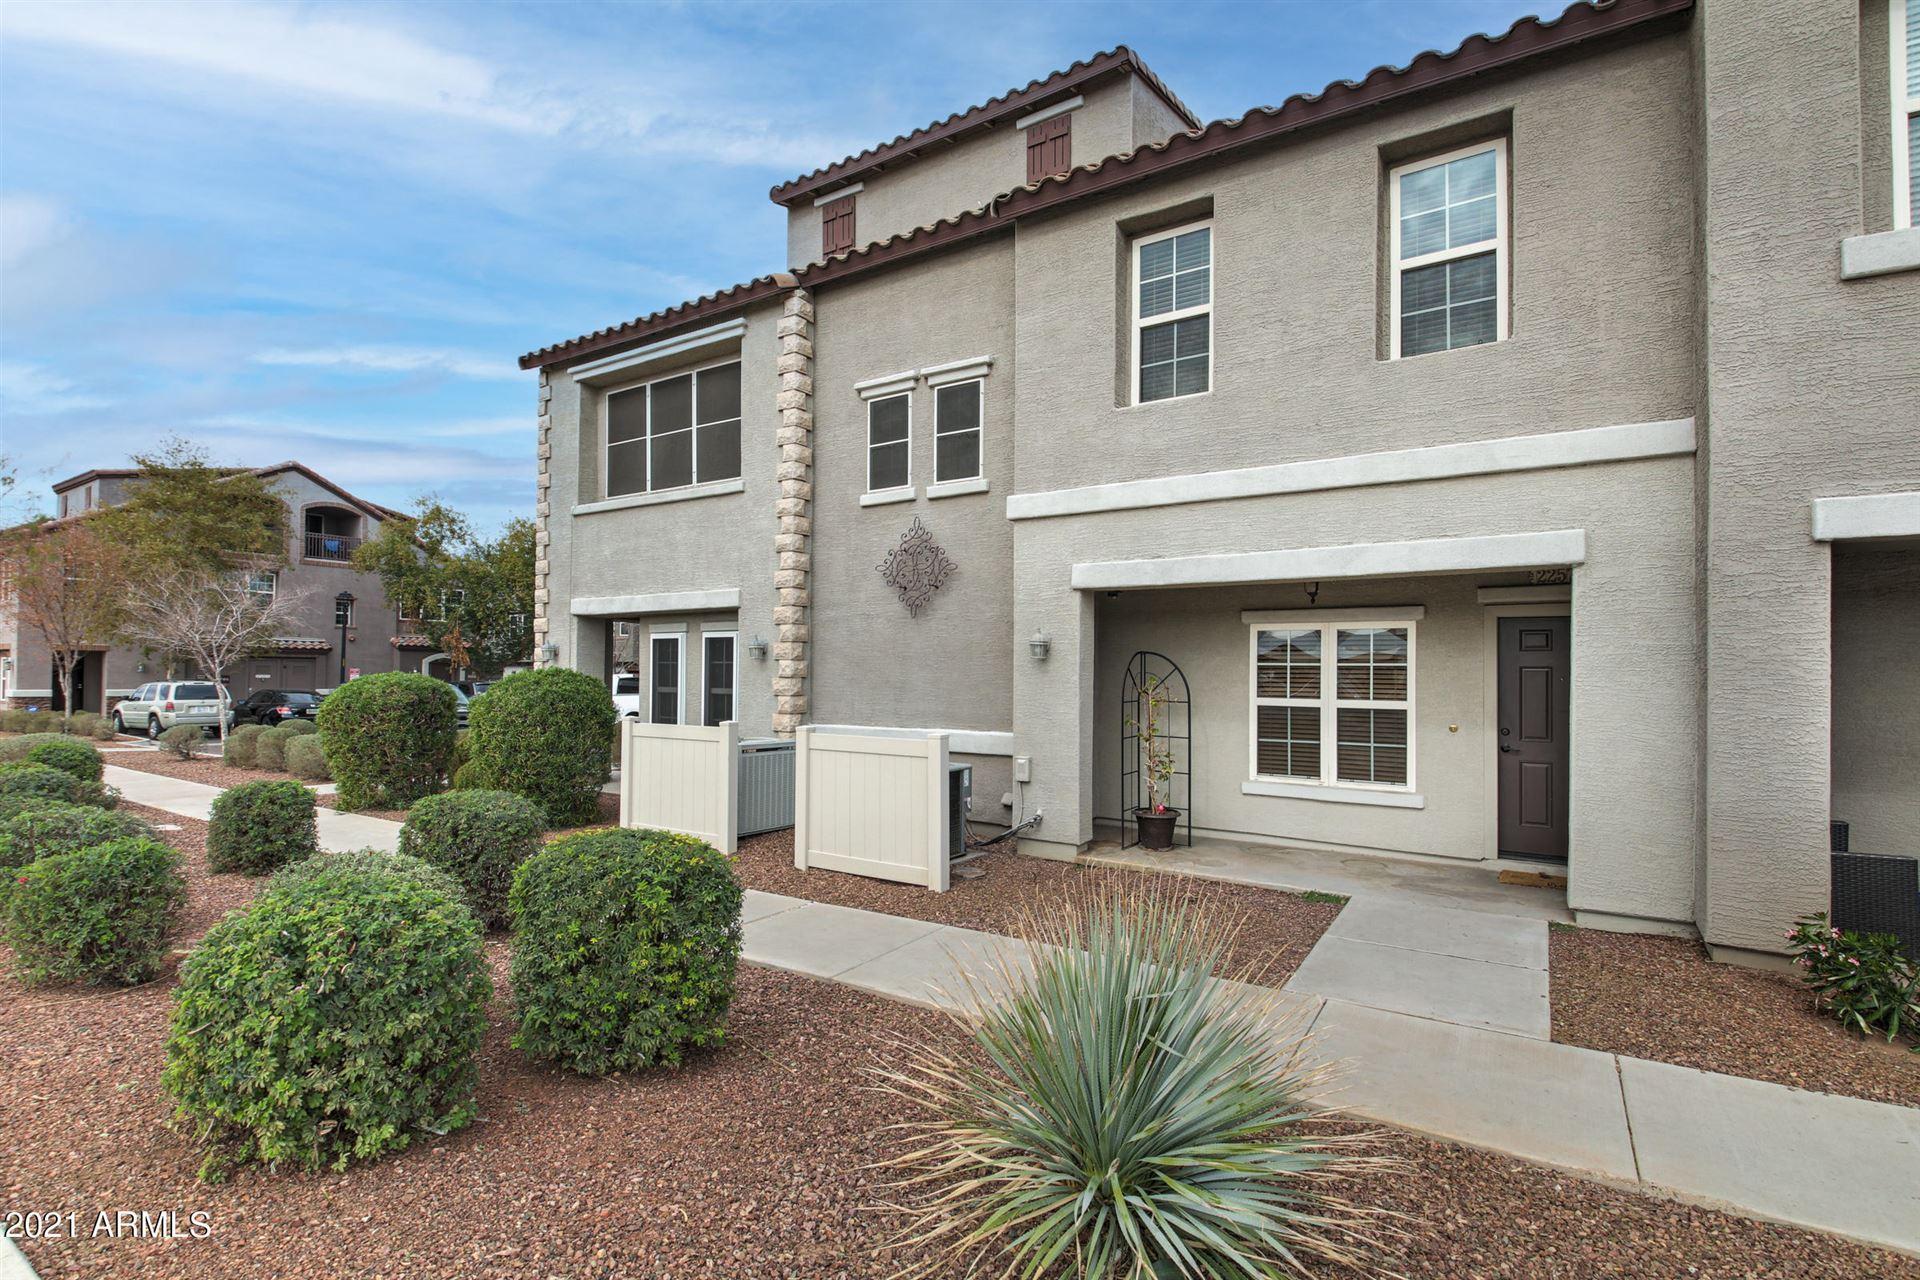 2257 E HUNTINGTON Drive, Phoenix, AZ 85040 - MLS#: 6184214